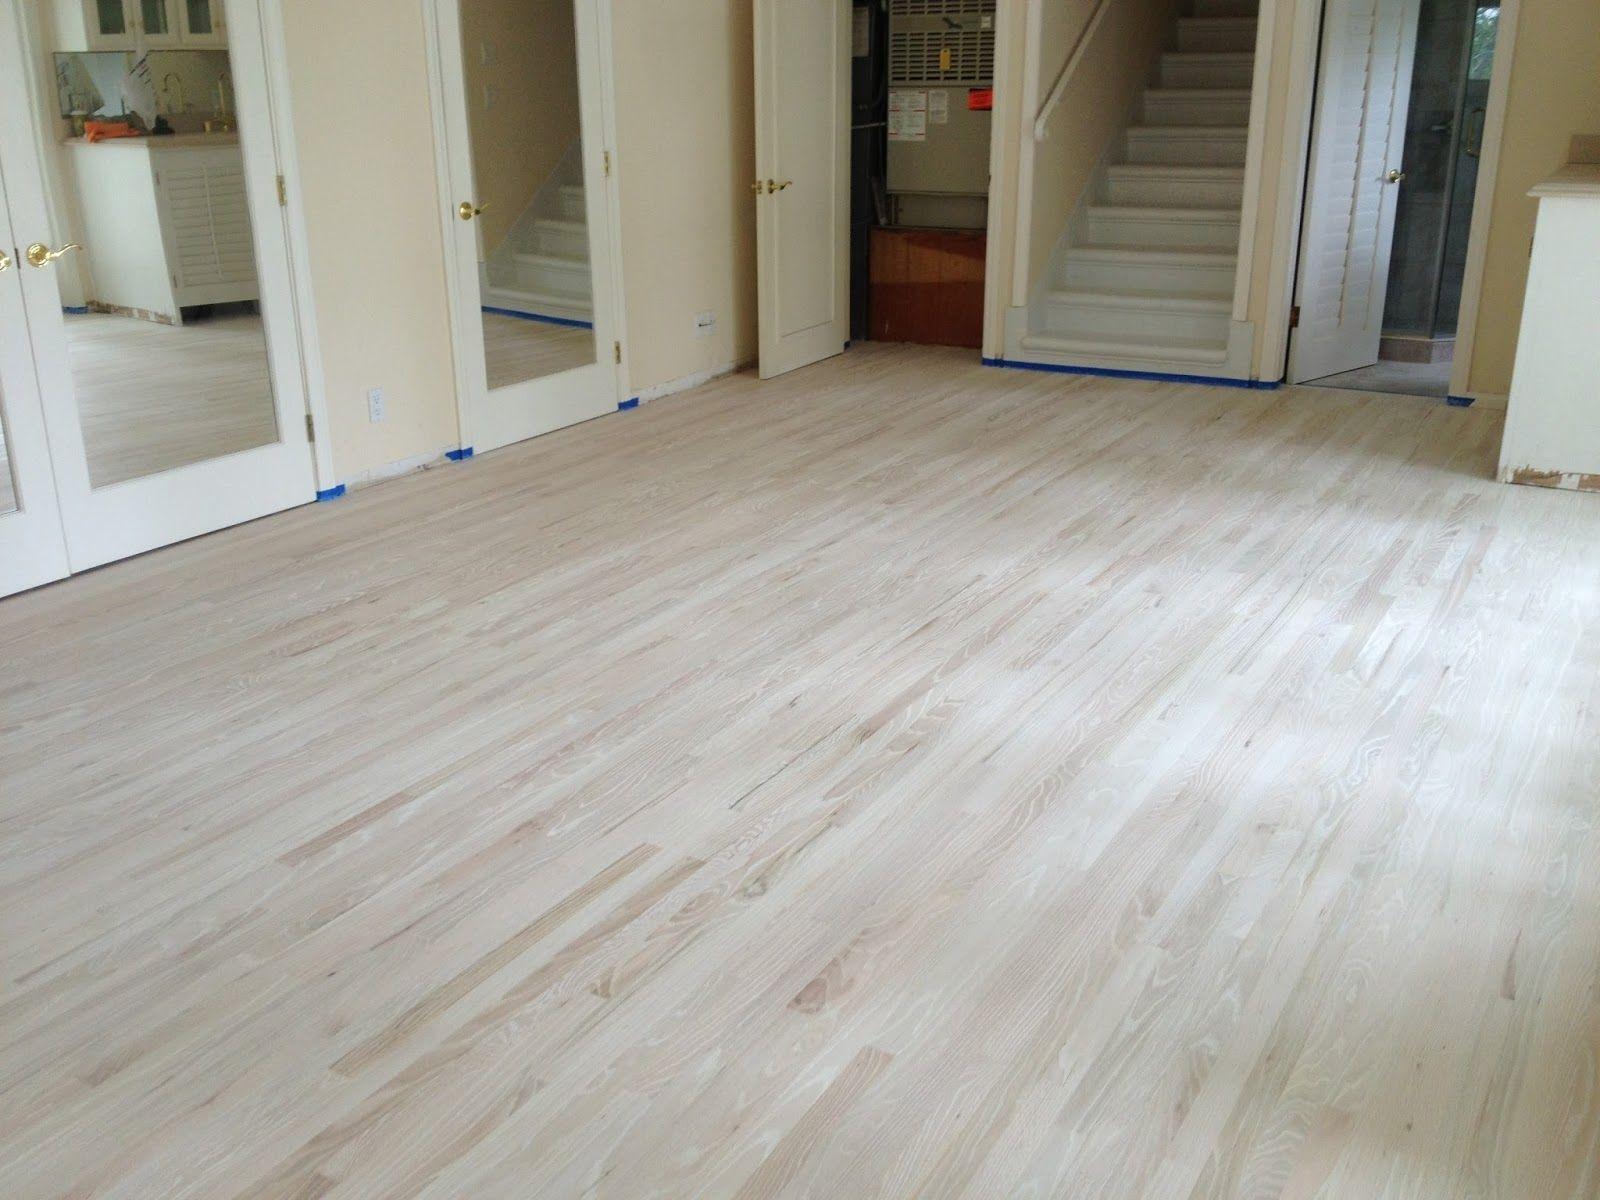 Bleach Wood Floors White White hardwood floors, White